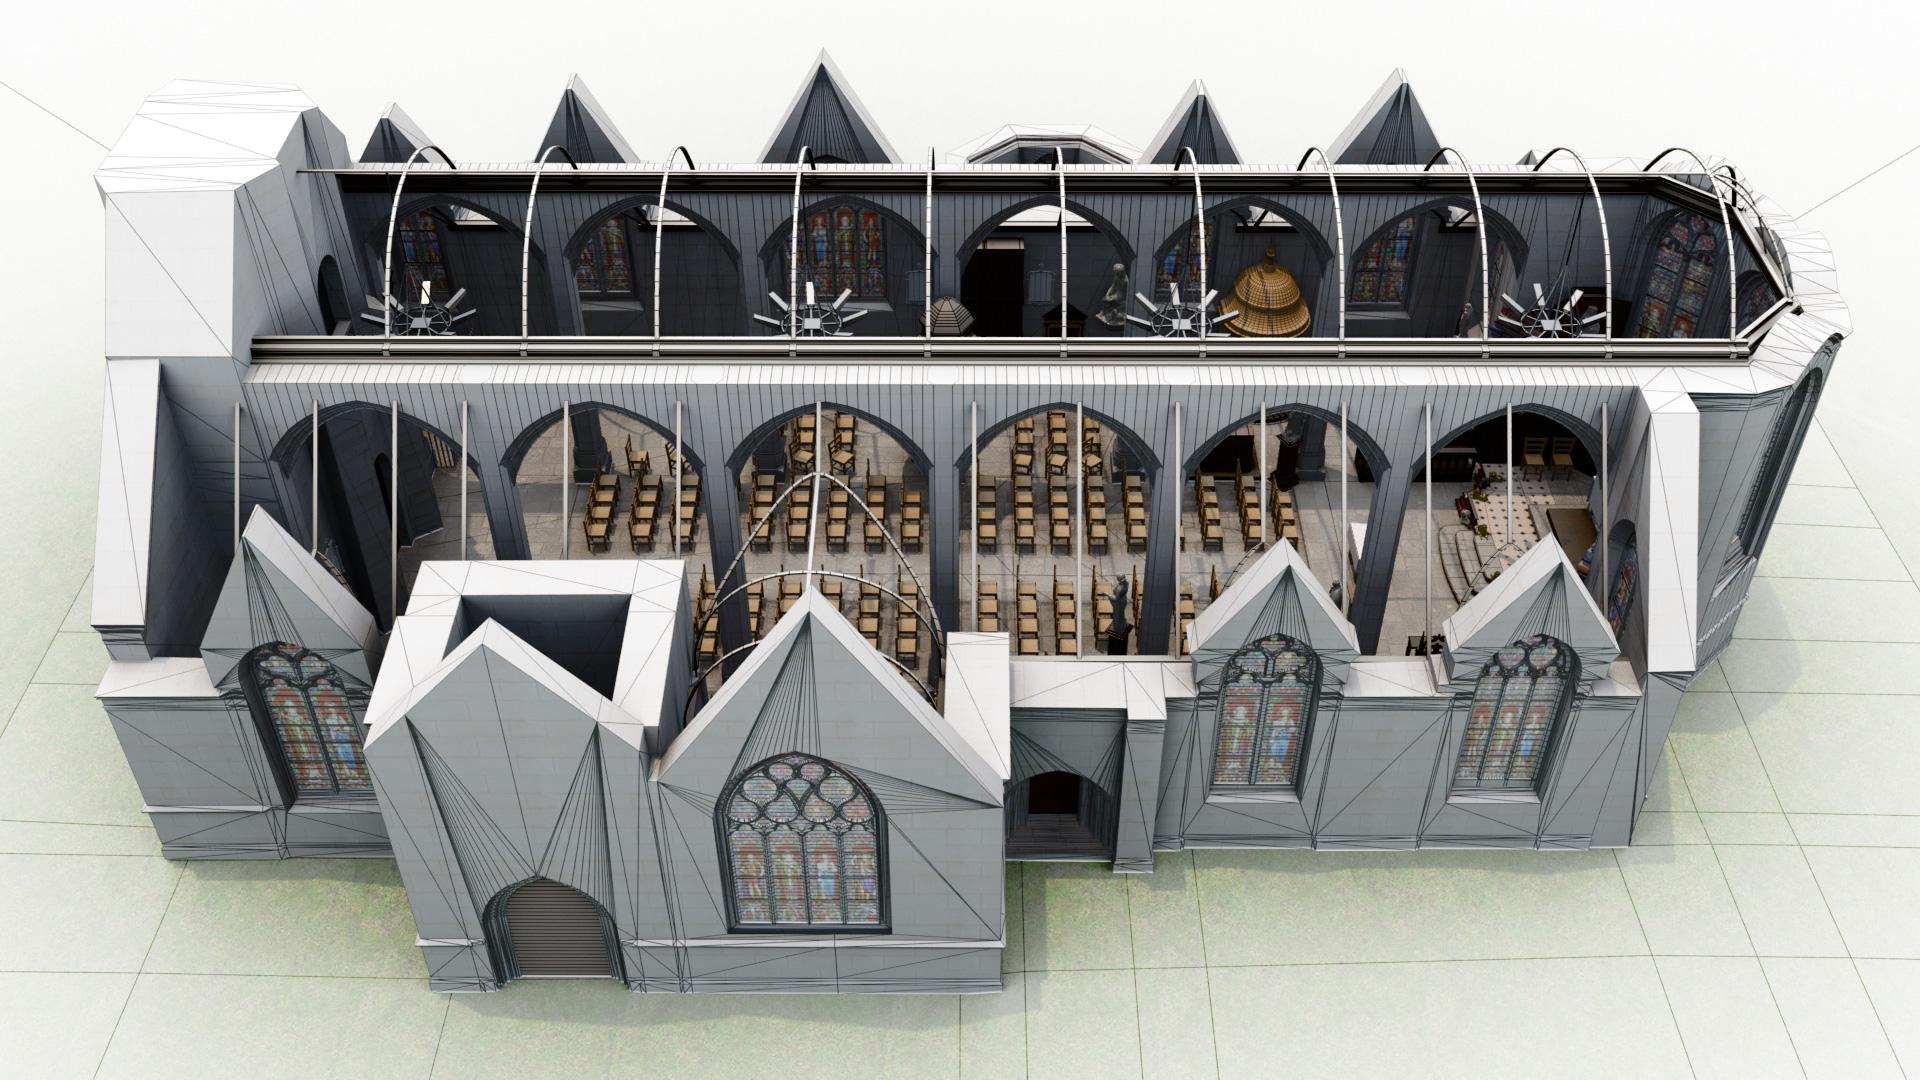 LG3D - Modélisation 3D - Vue 3D de l'église Saint-Maudet, Commune du Juch, Bretagne